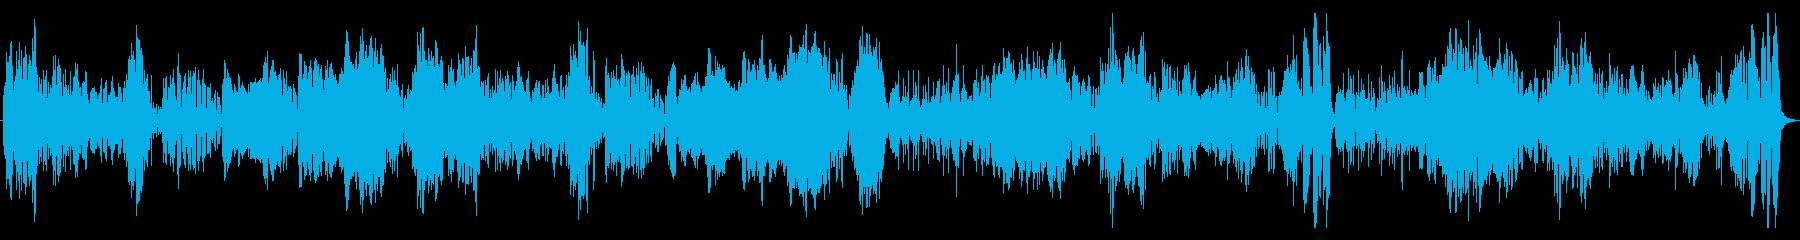 クラシック。ピチカート。ロマンチッ...の再生済みの波形